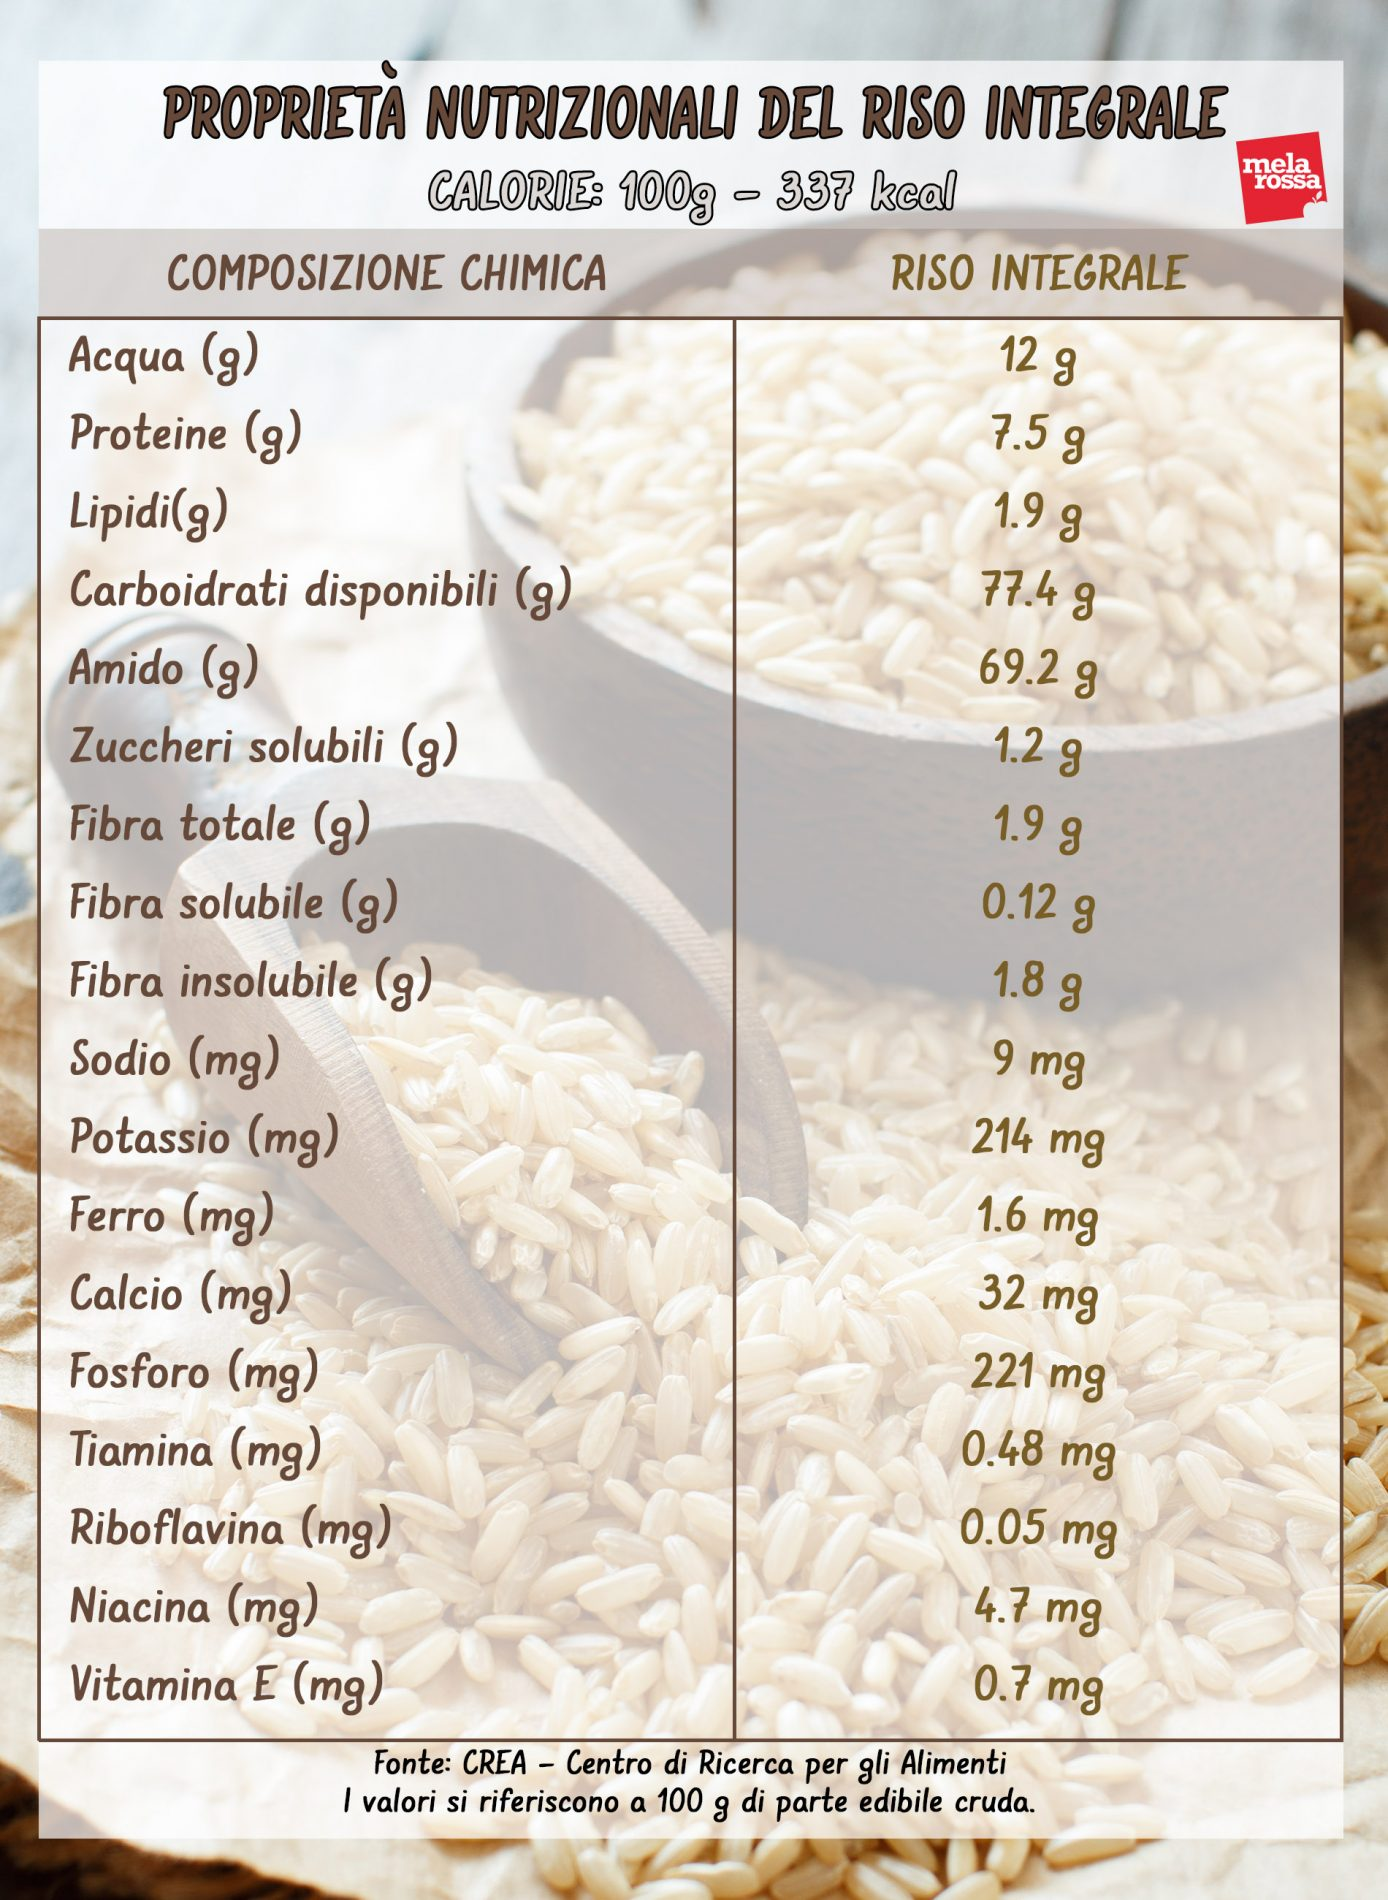 riso integrale: valori nutrizionale